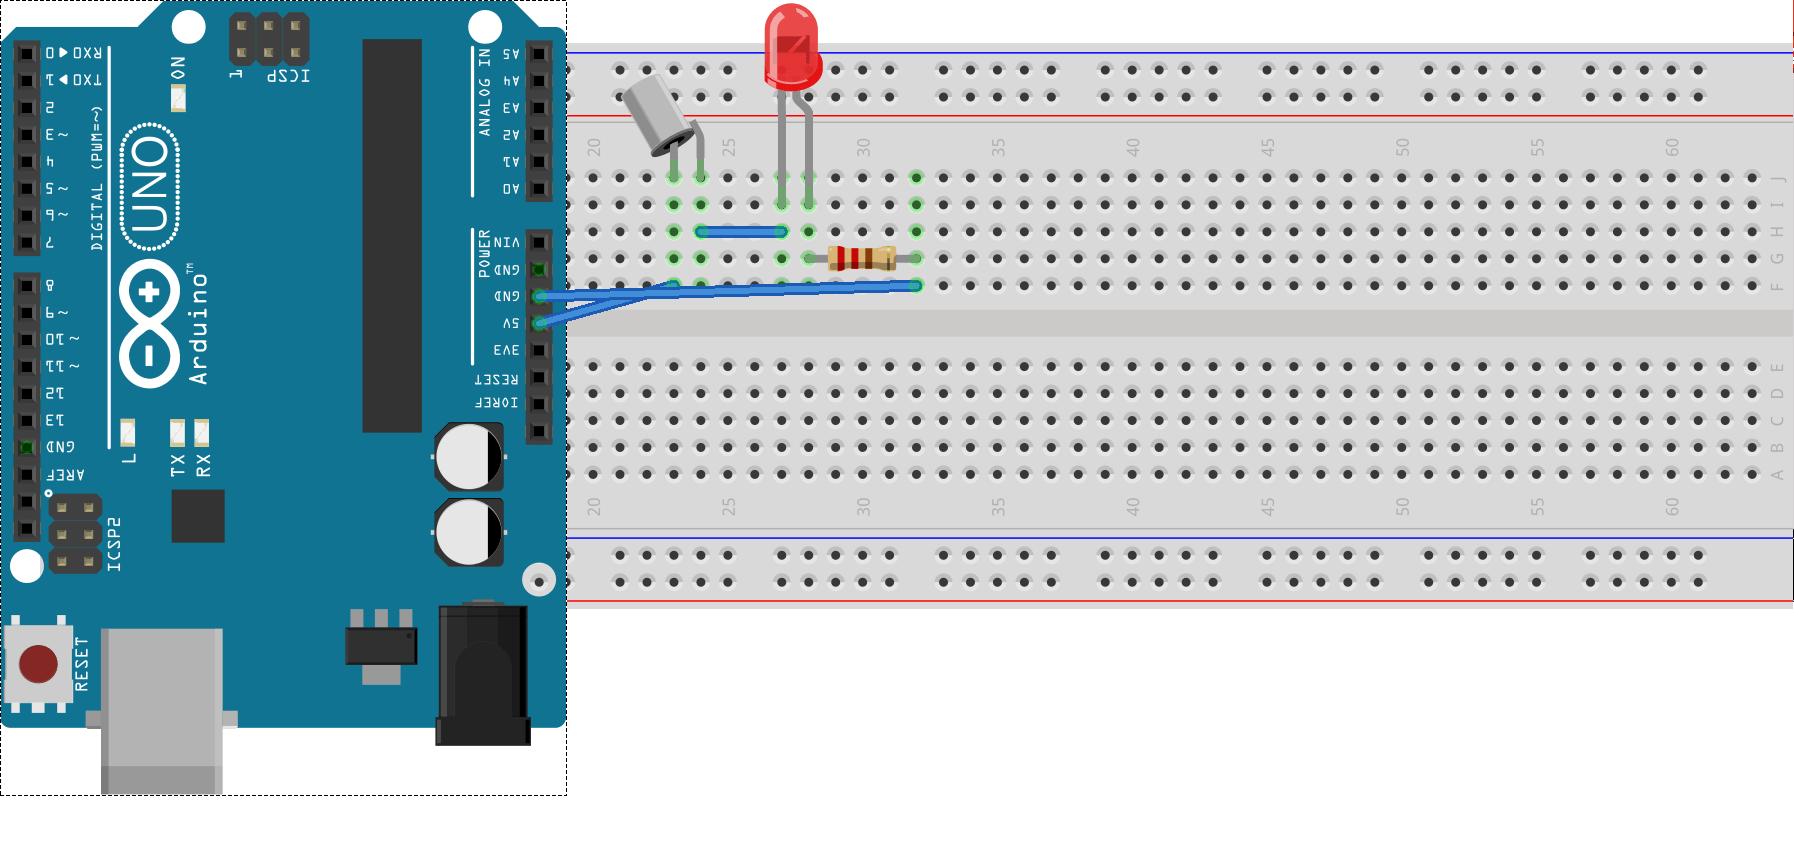 Tilt Switch con una batería